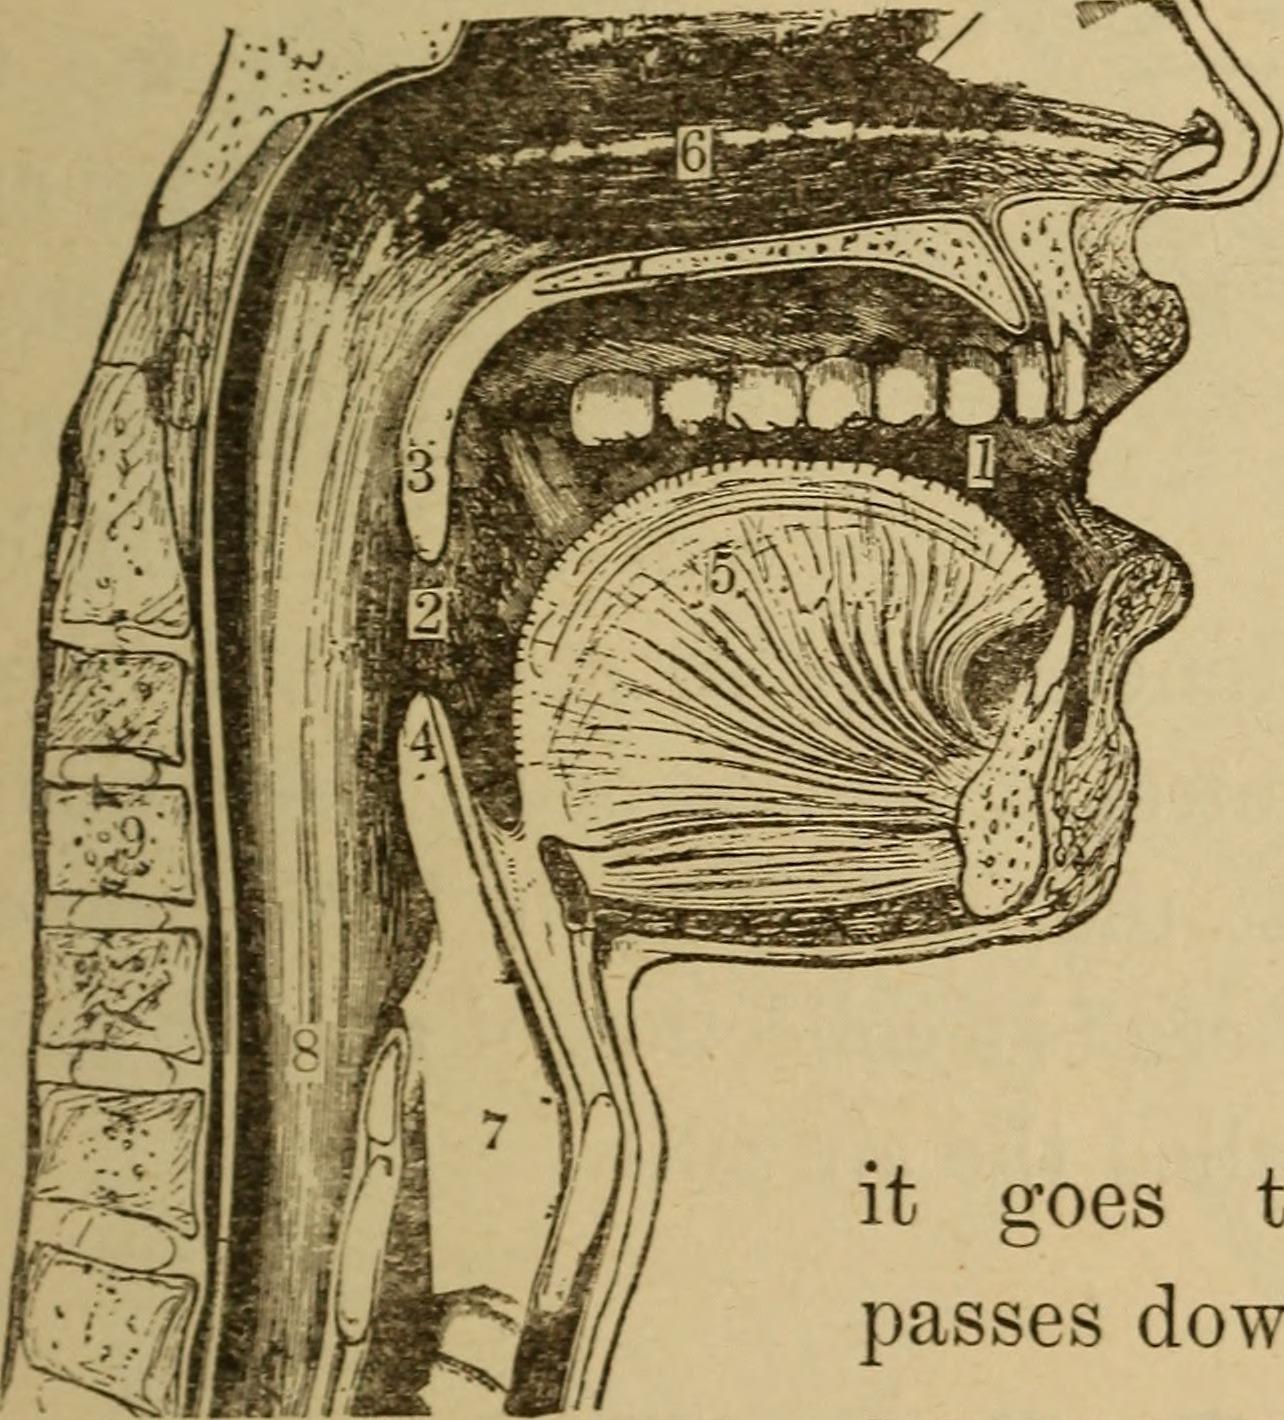 Ziemlich Anatomy And Physiology College Textbook Fotos - Anatomie ...